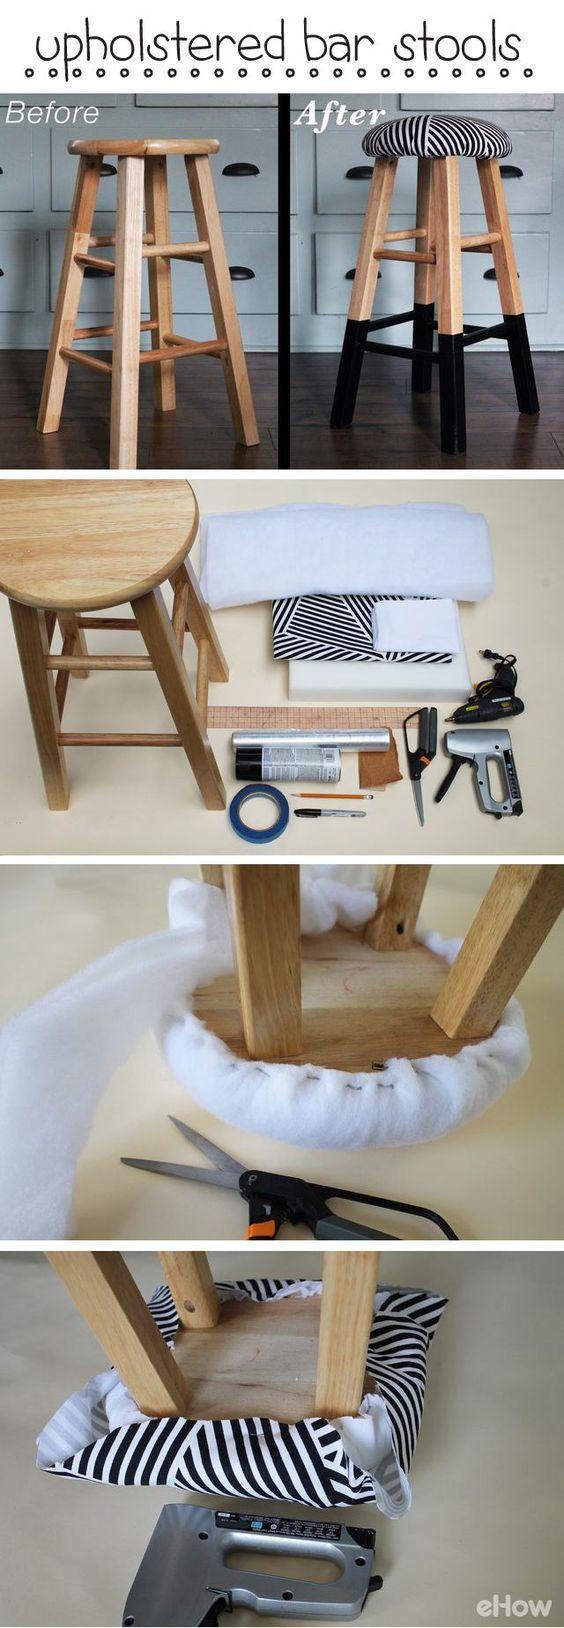 die besten 25 spritzschutz herd ideen nur auf pinterest spritzschutz k che selbst gestalten. Black Bedroom Furniture Sets. Home Design Ideas